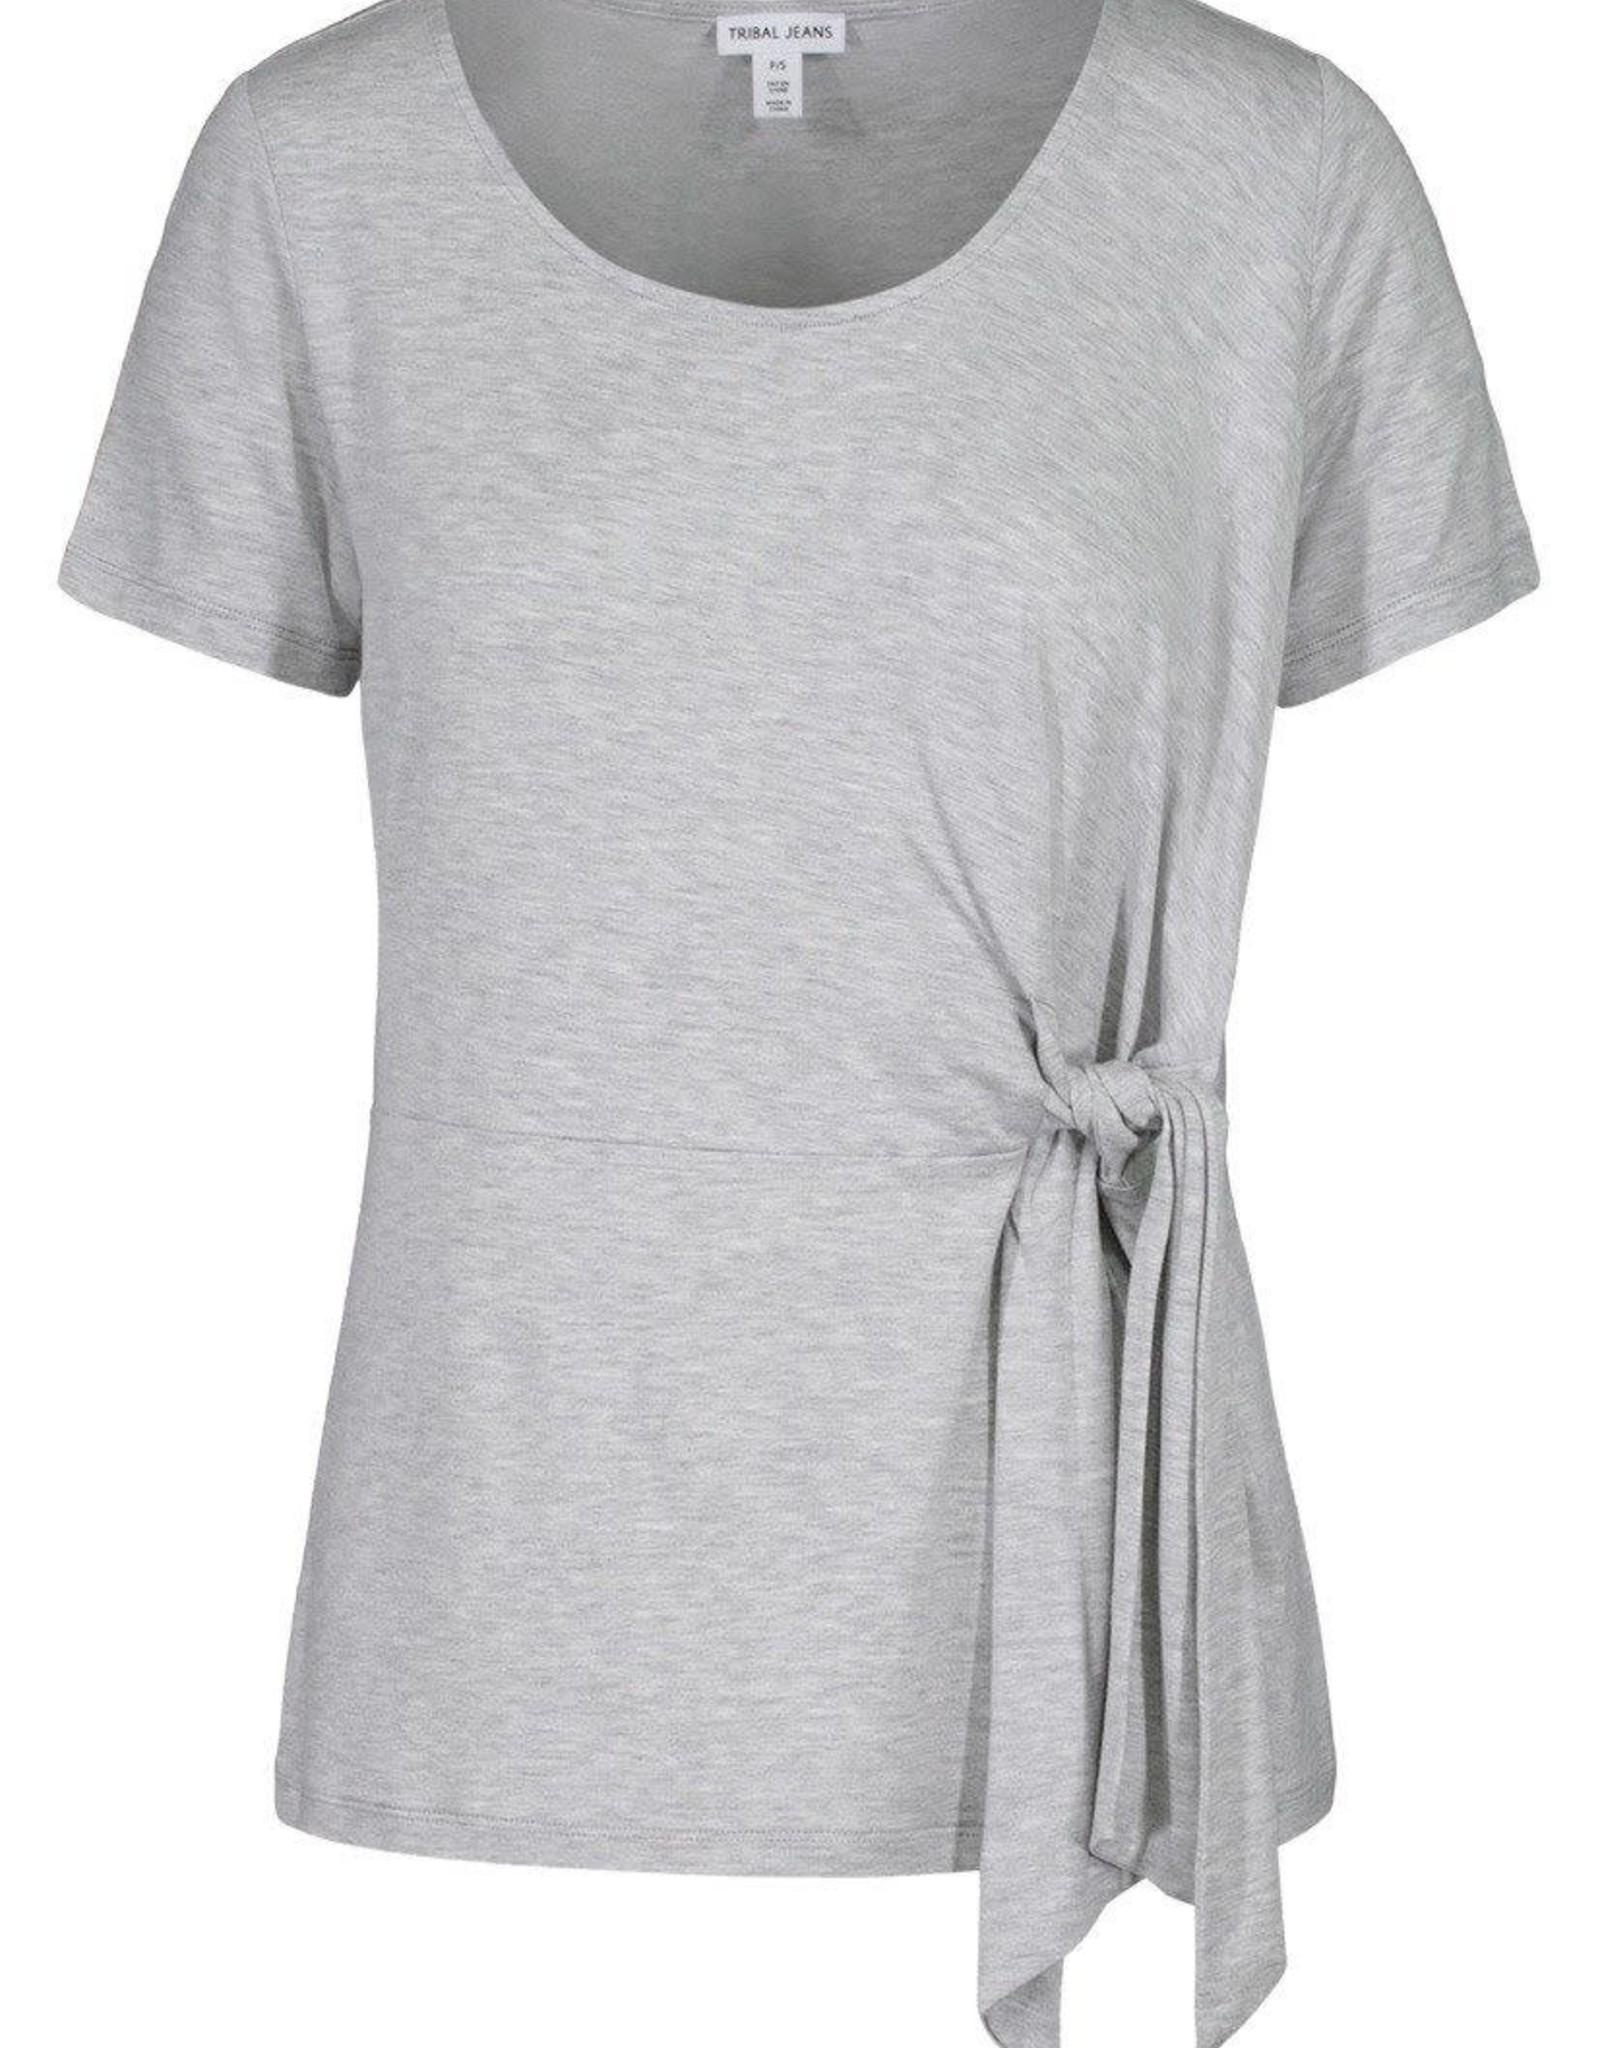 Tribal Light Grey Short Sleeve Top w/Side Tie